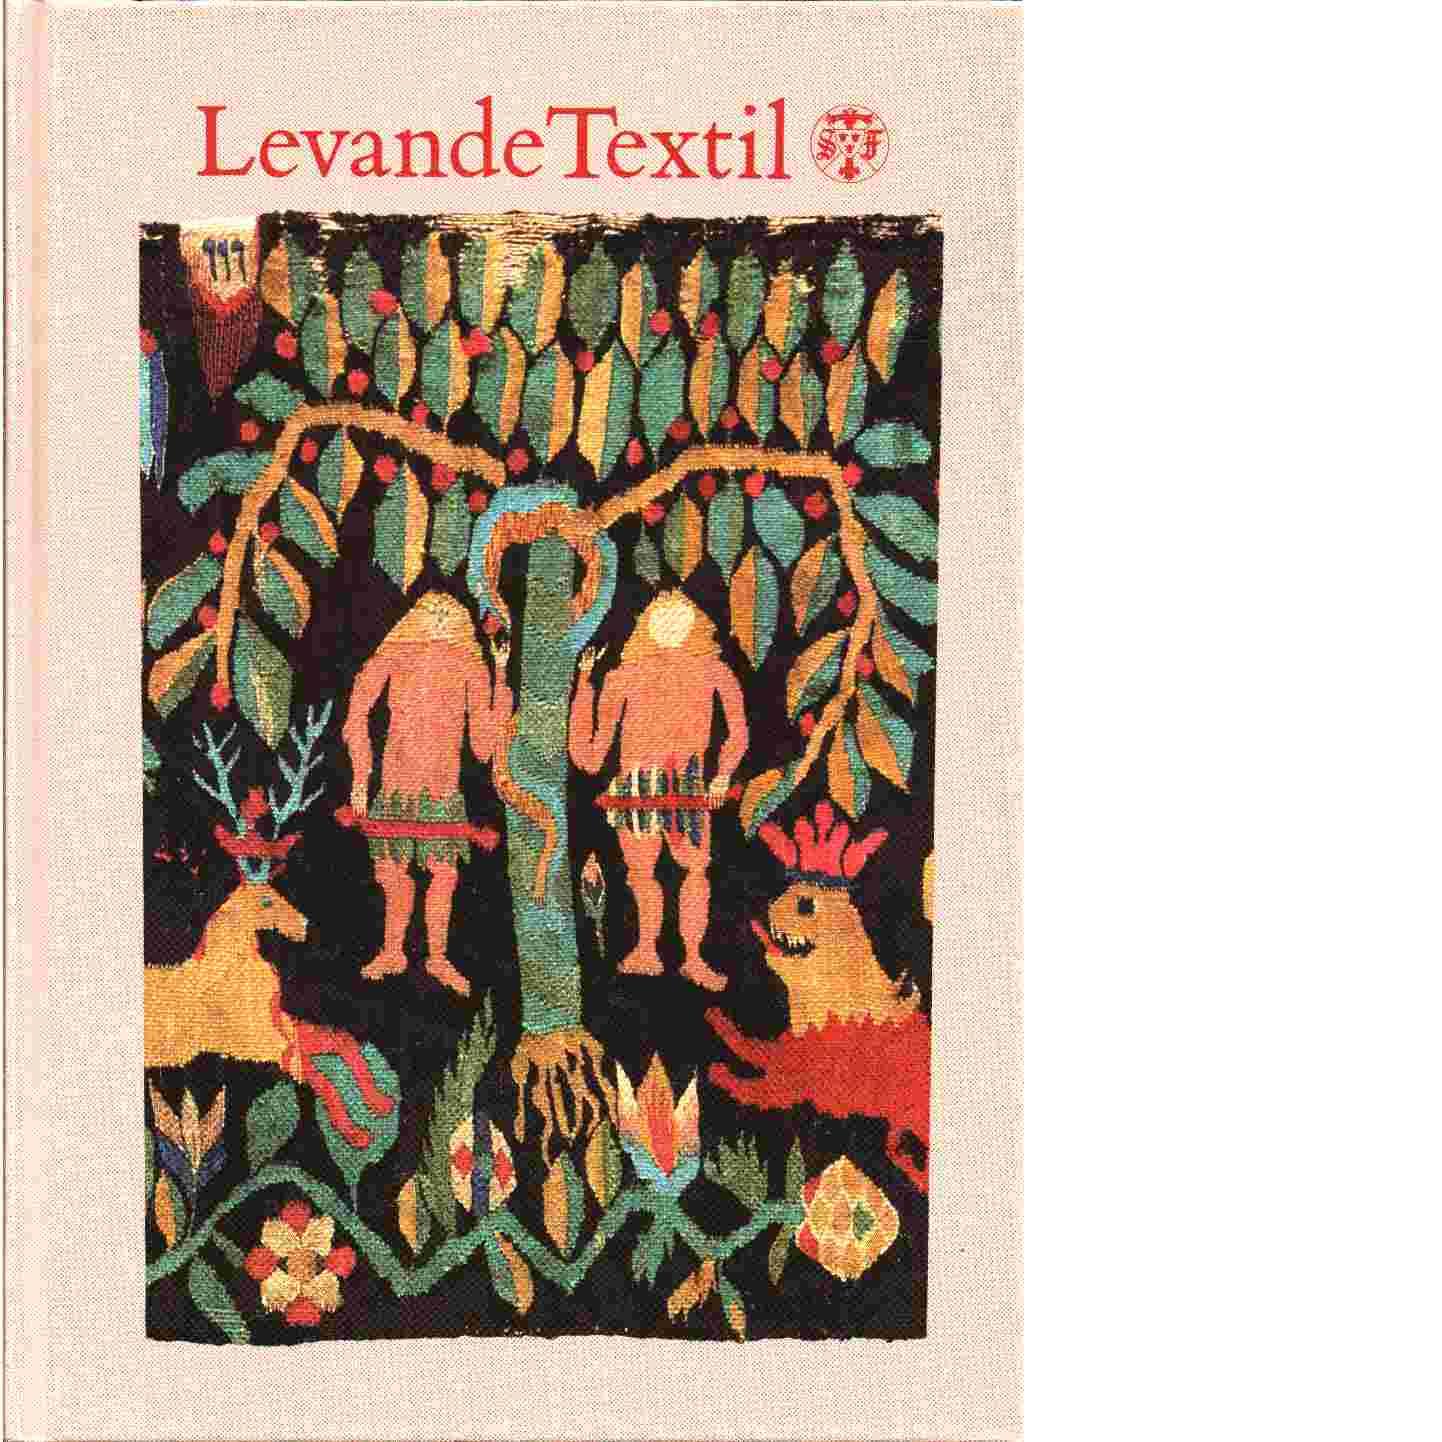 Levande textil - Red.